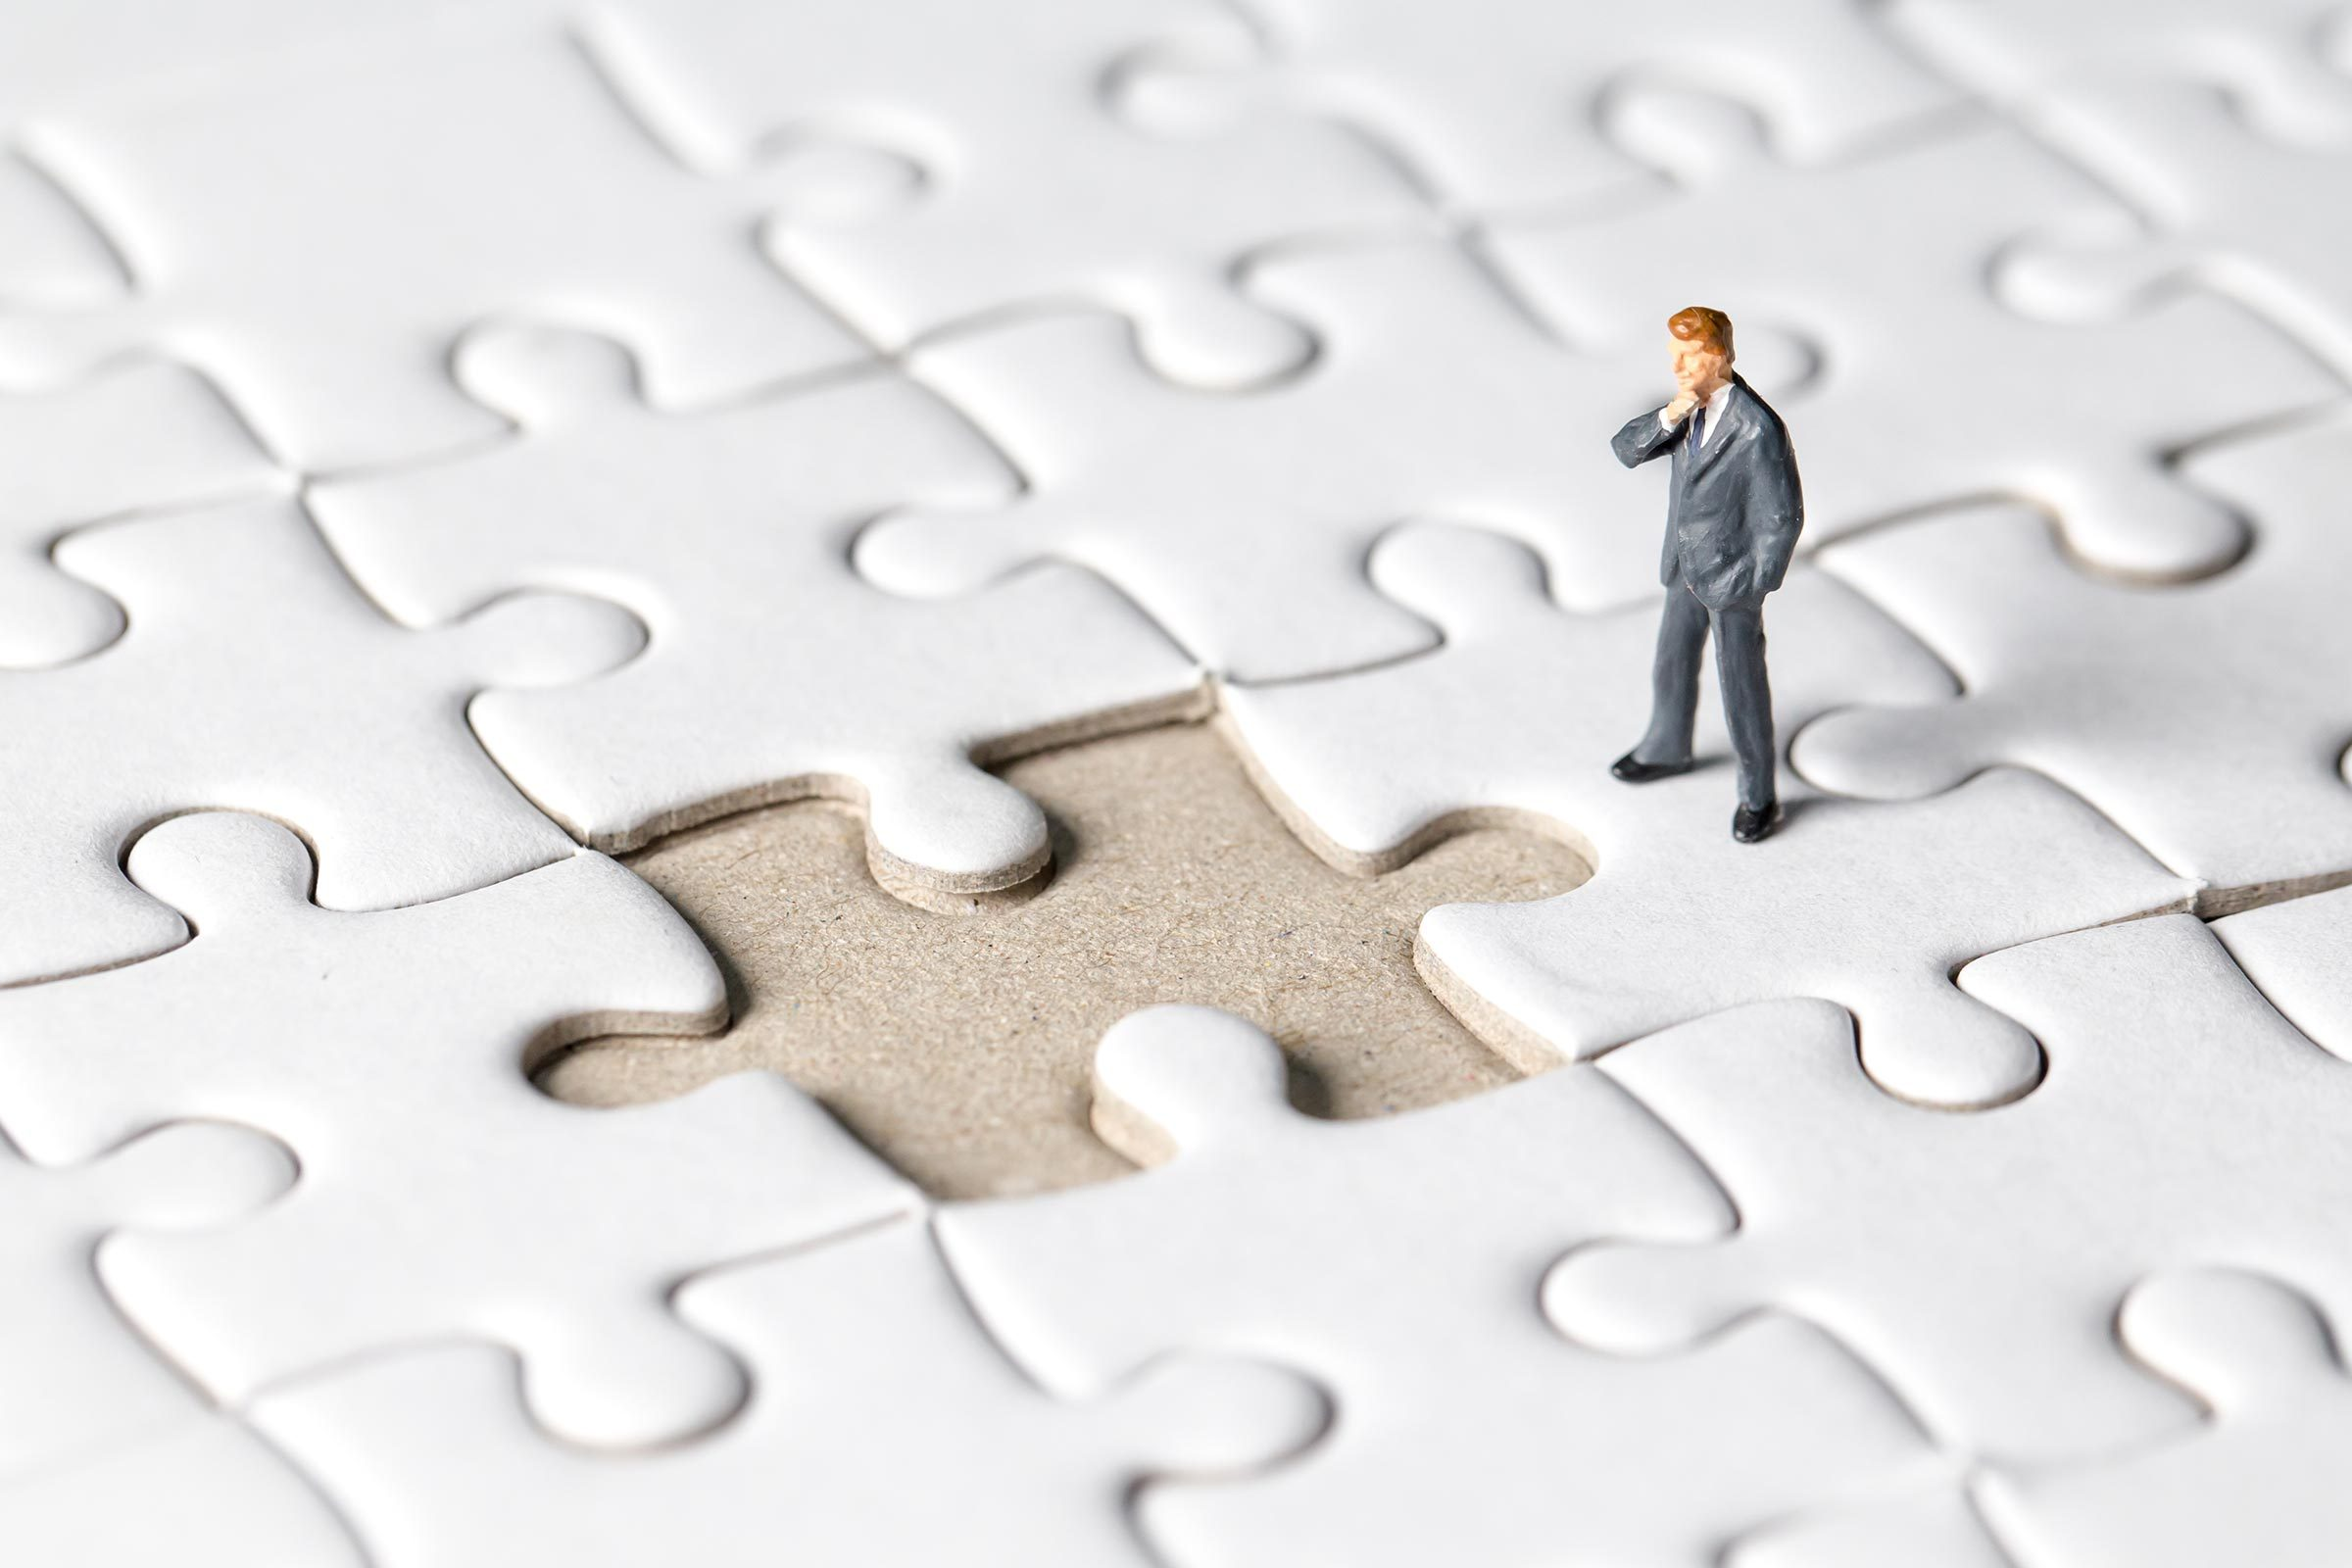 miniature figure puzzle piece